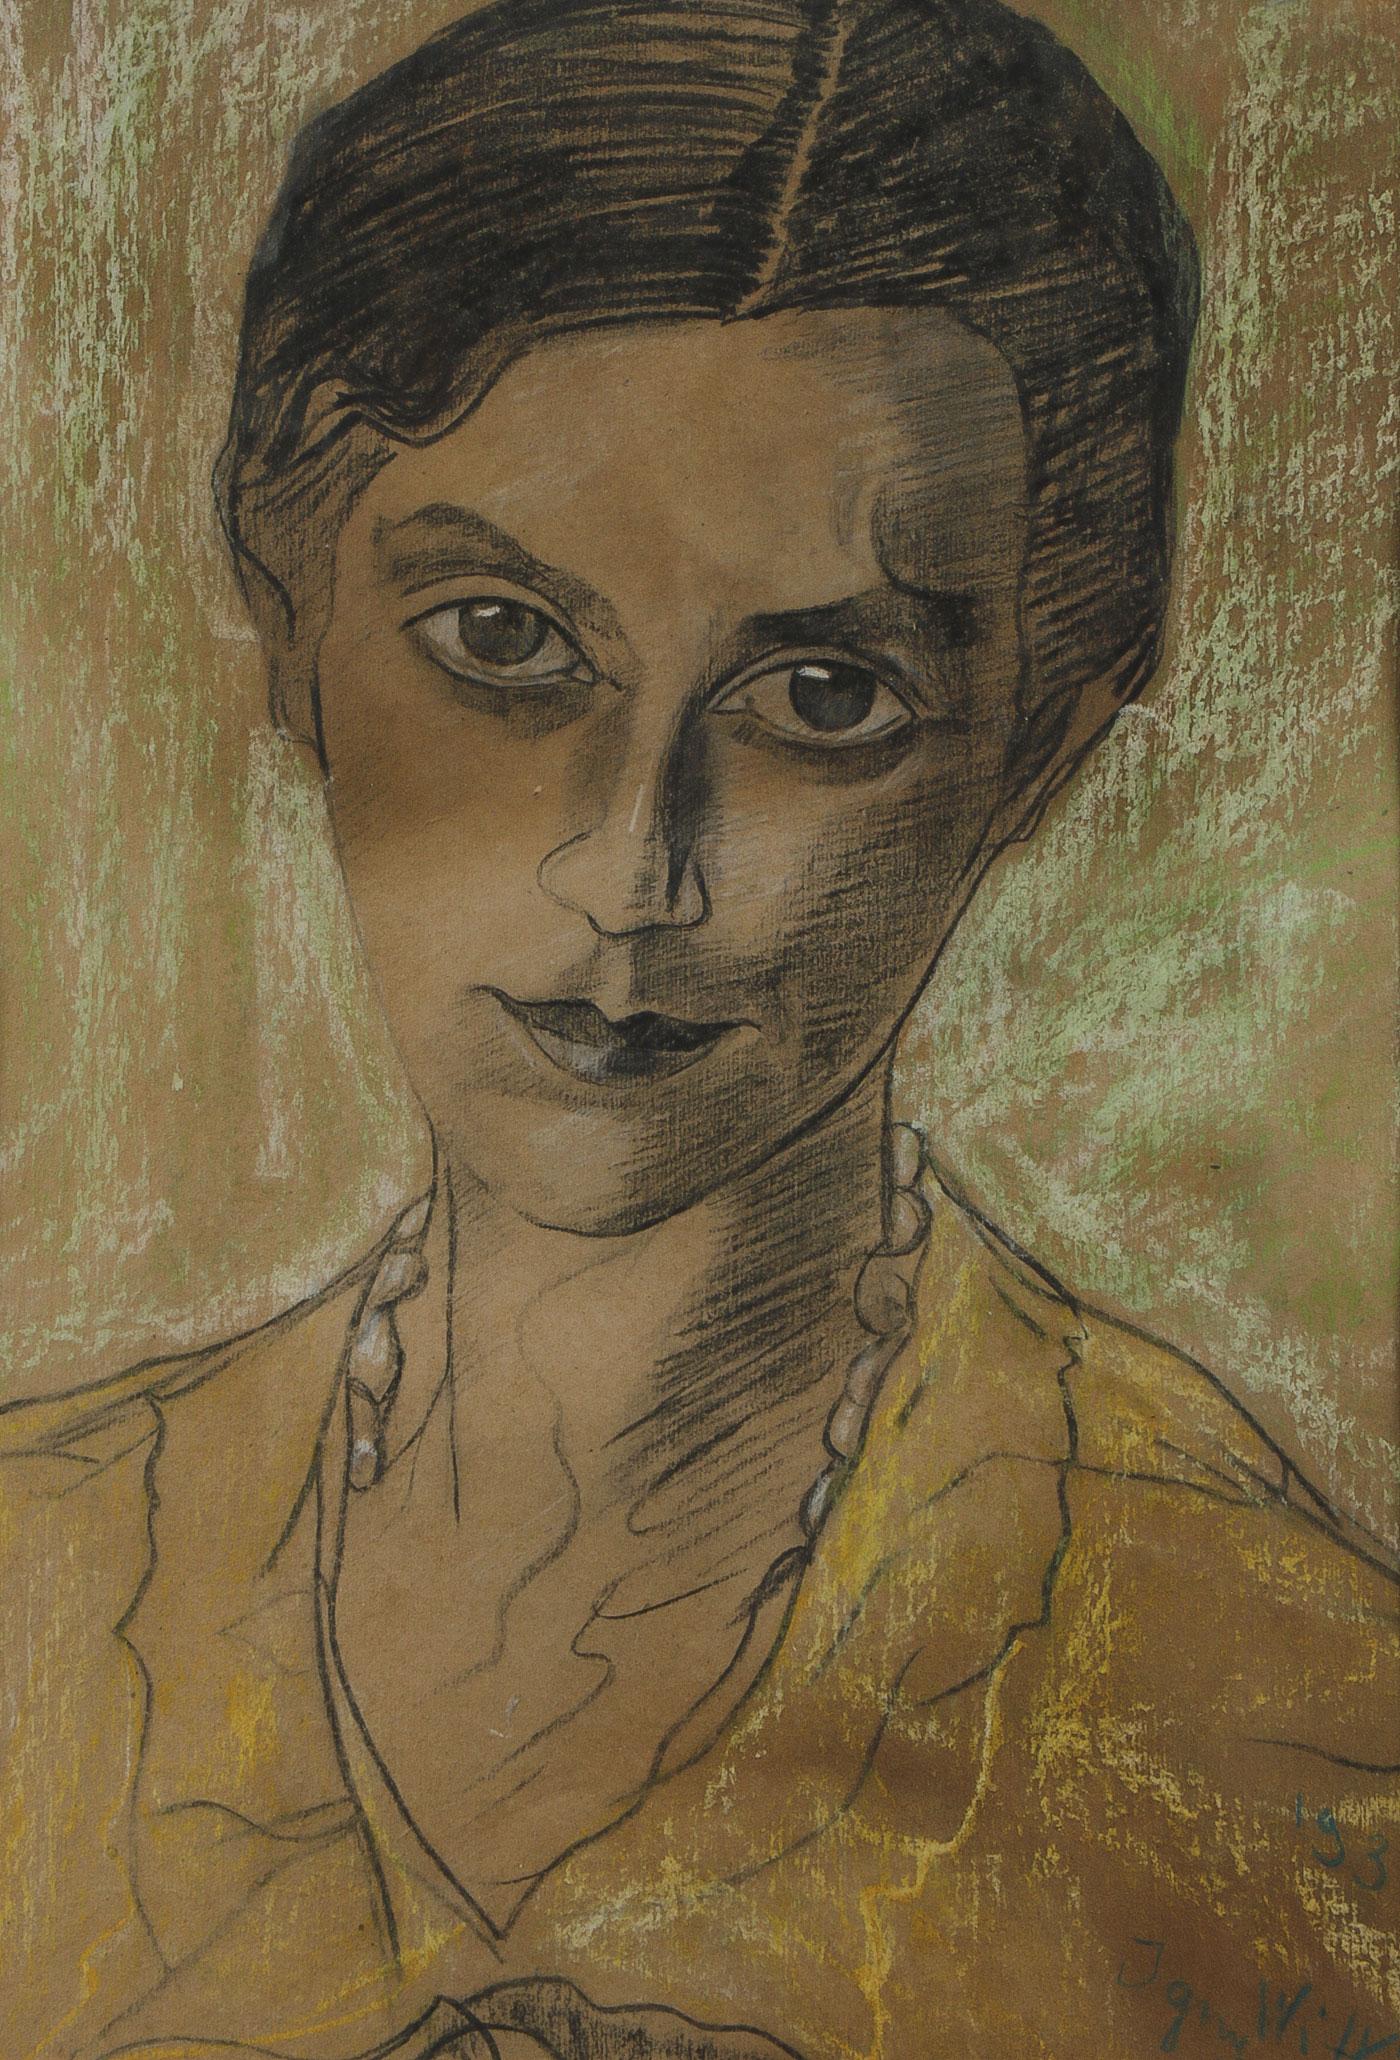 """Stanisław Ignacy Witkiewicz - Witkacy (1885-1939) """"Portret kobiecy"""" , źródło:  Jackson's International"""